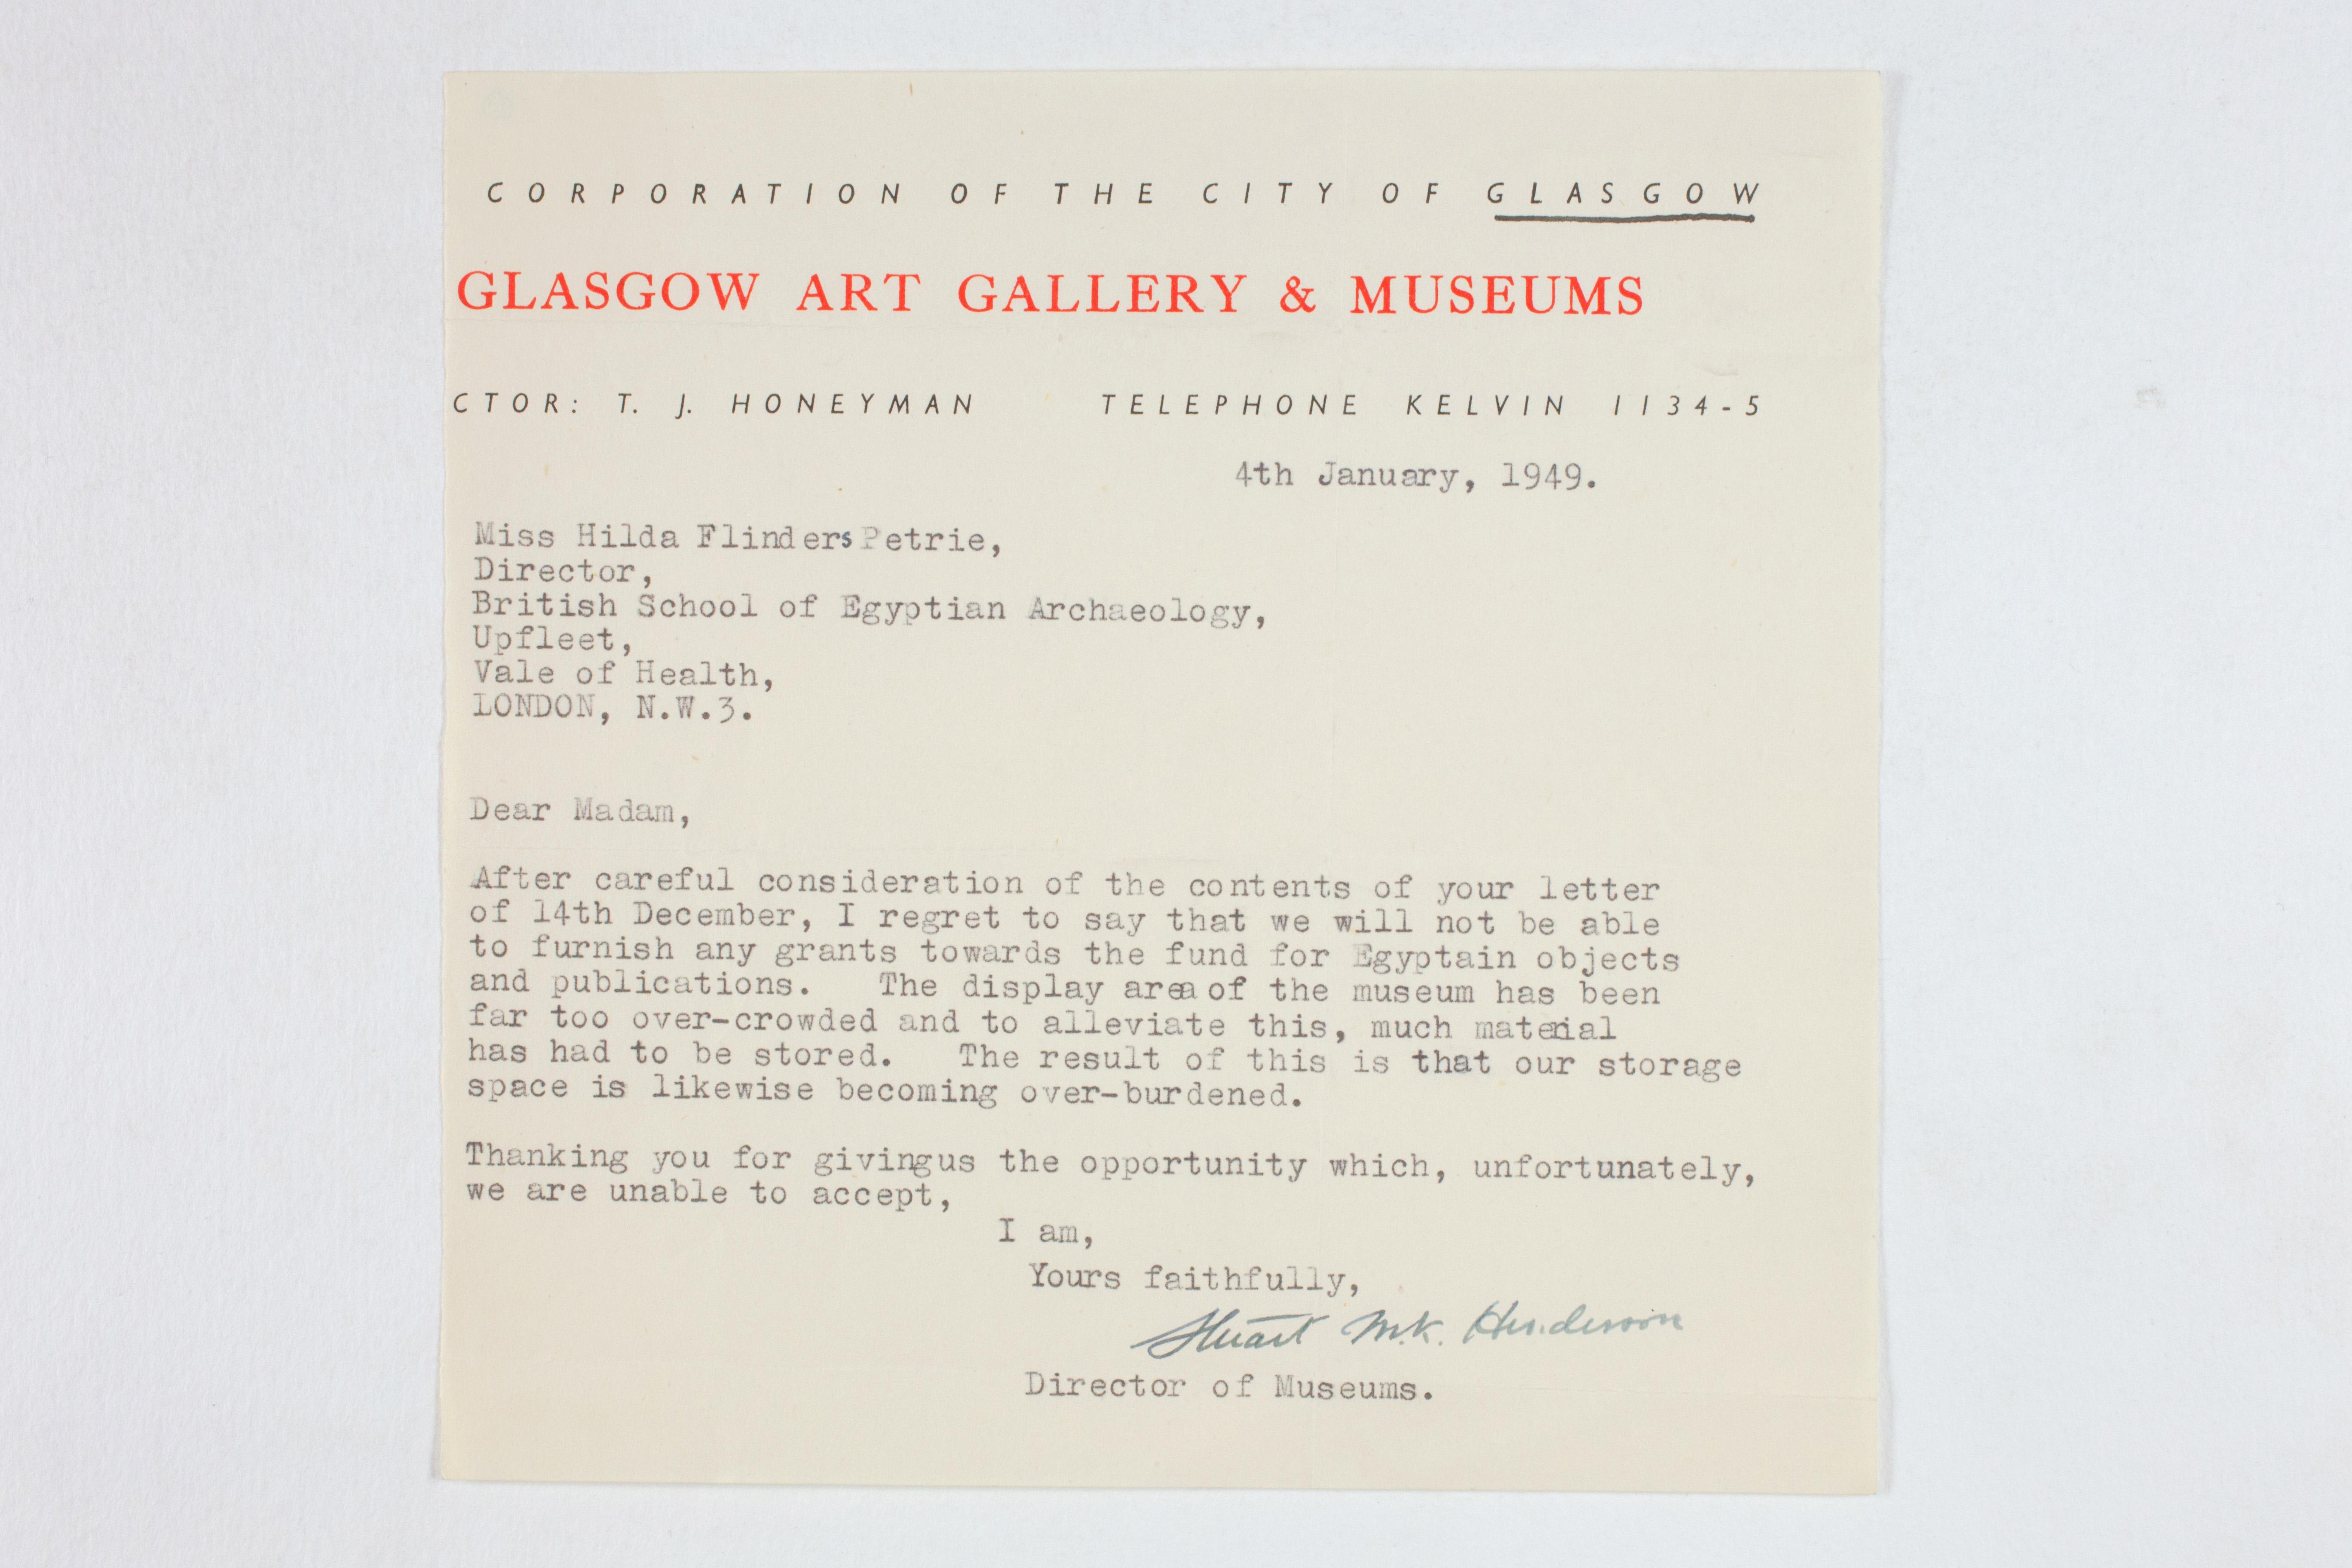 1931-50 Reserve correspondence Correspondence PMA/WFP1/D/32/11